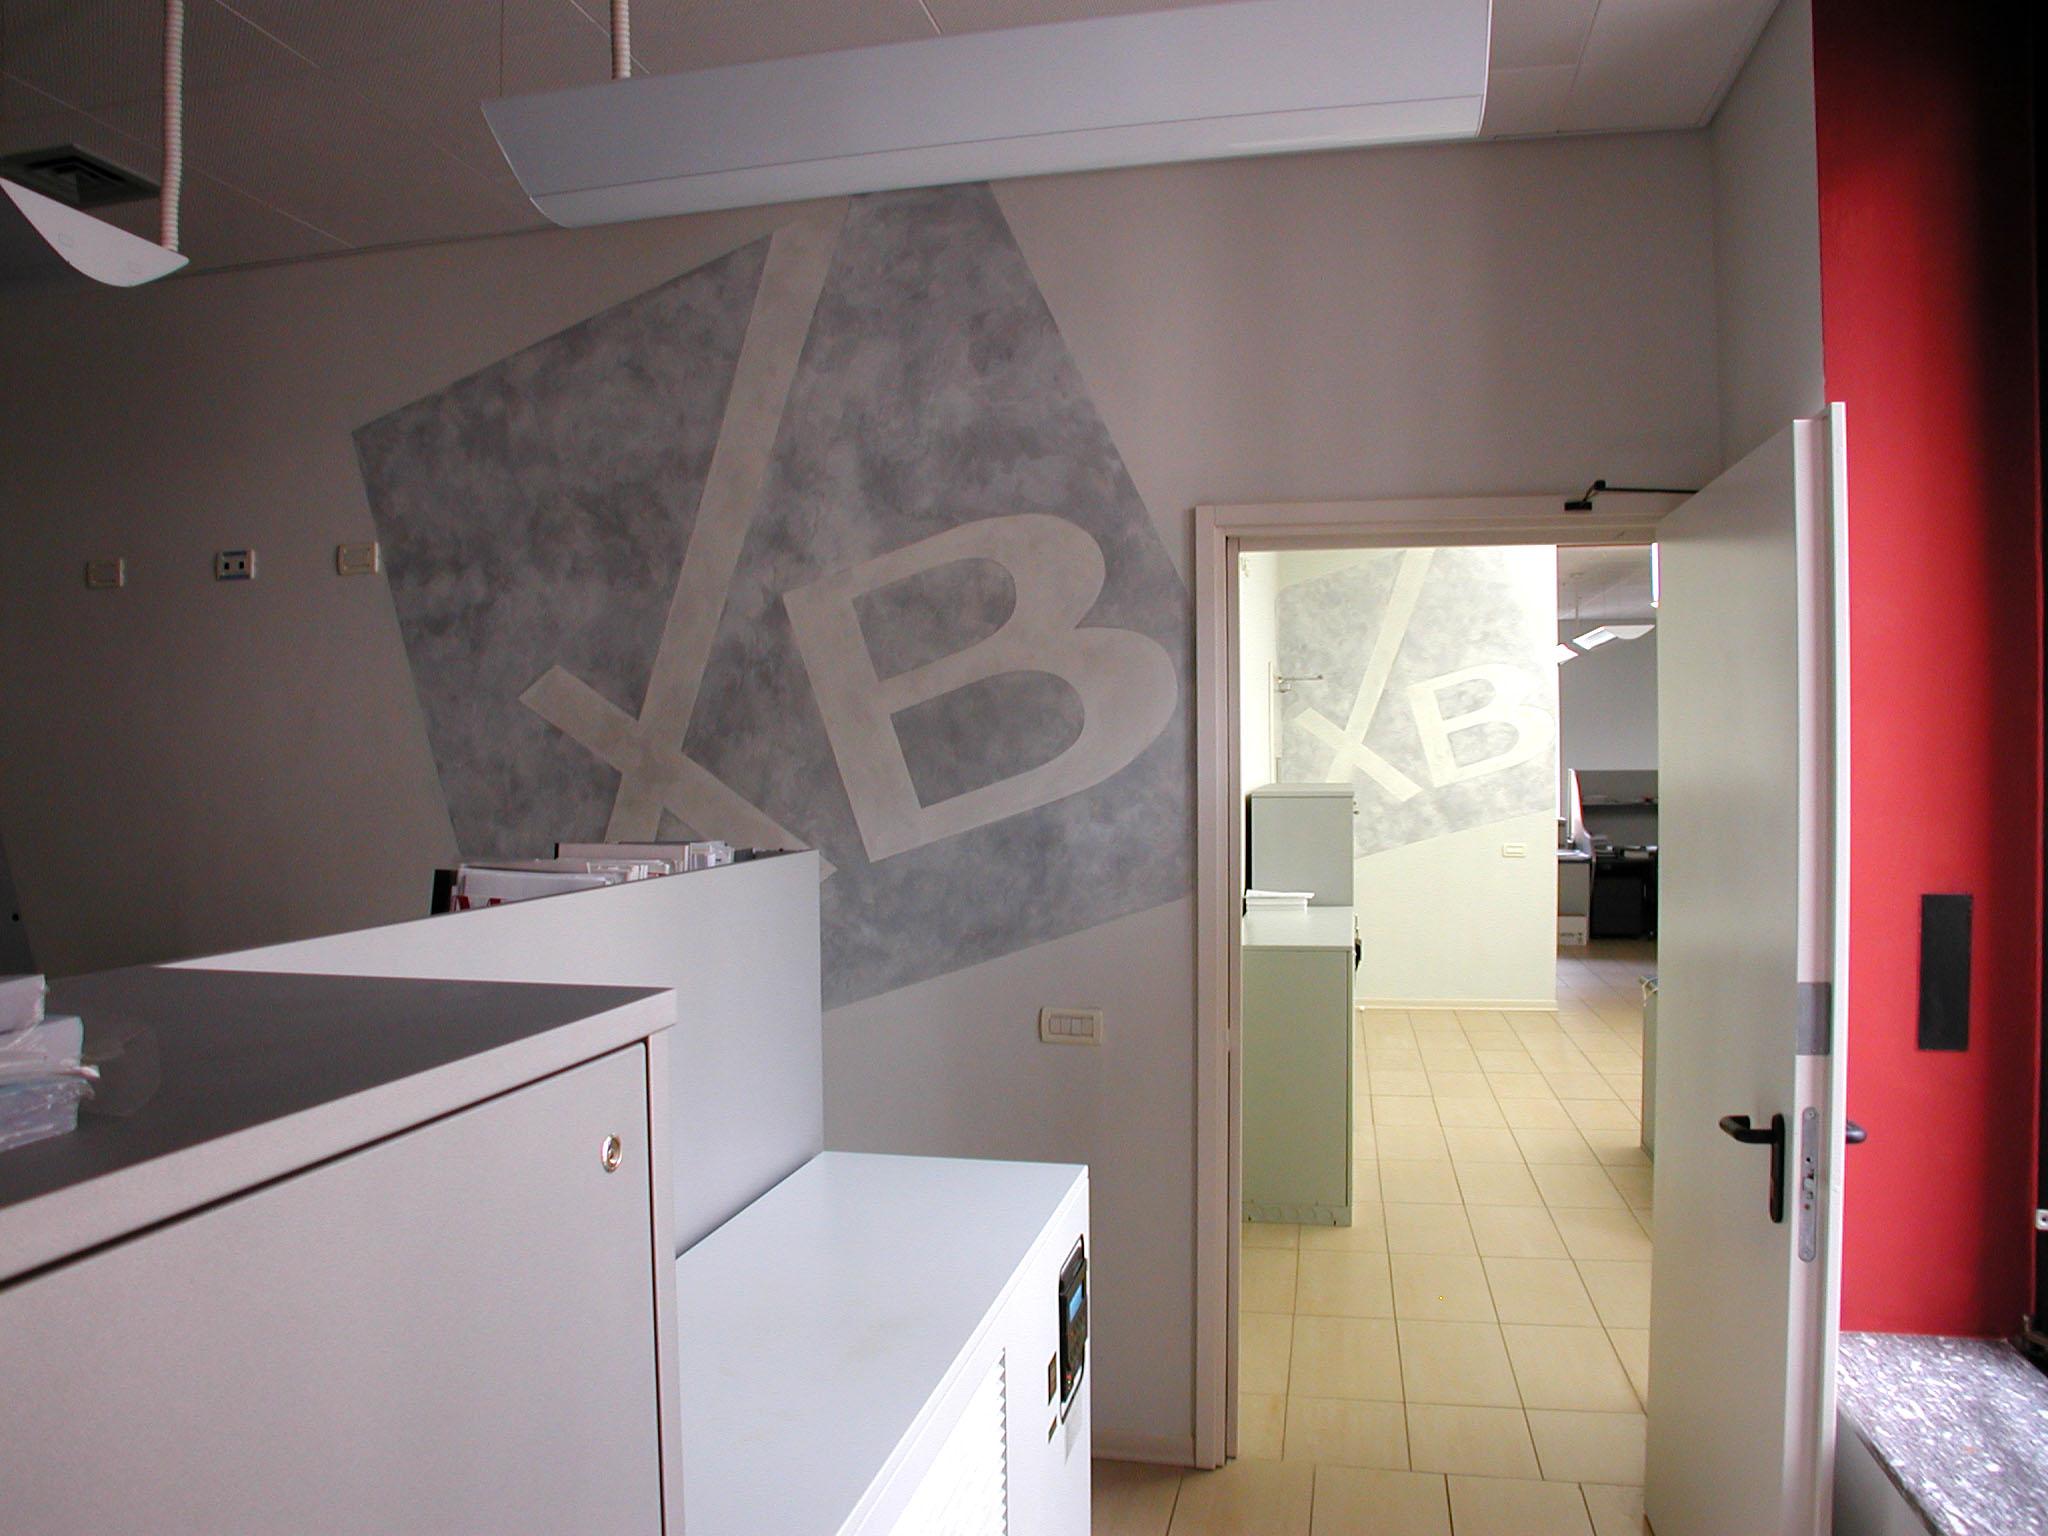 wall art company